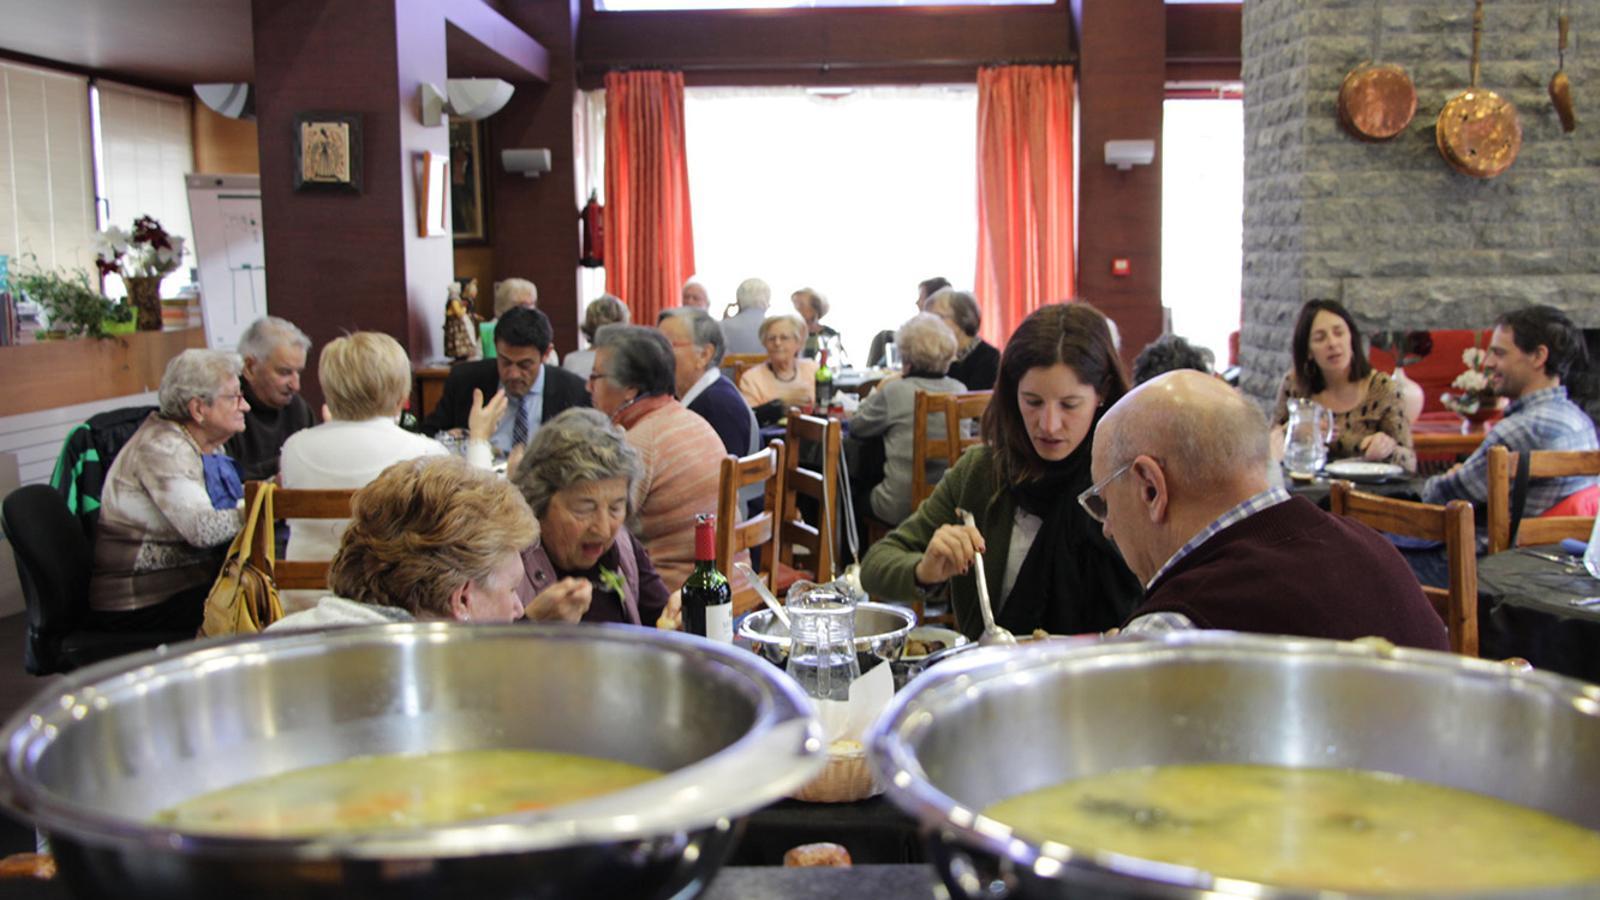 Un moment del dinar per celebrar Sant Antoni que s'ha fet a la Casa Pairal d'Ordino. / COMÚ D'ORDINO